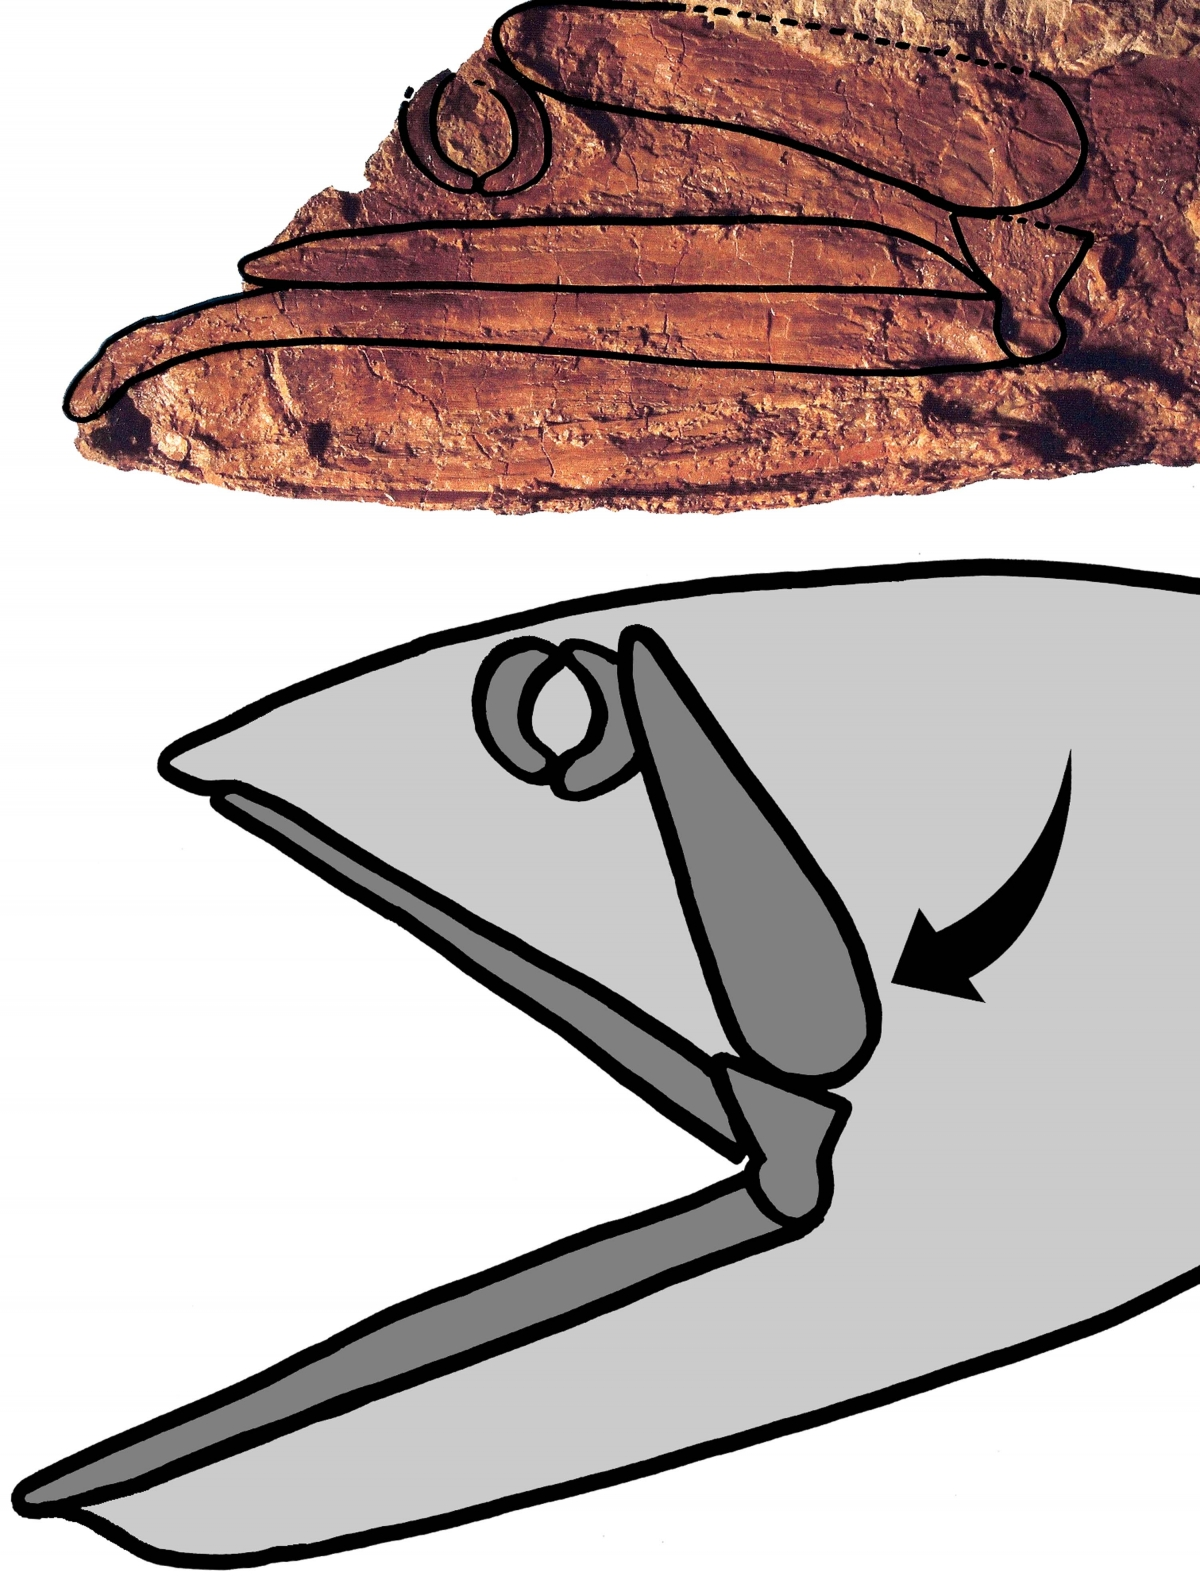 Rhinconichthys